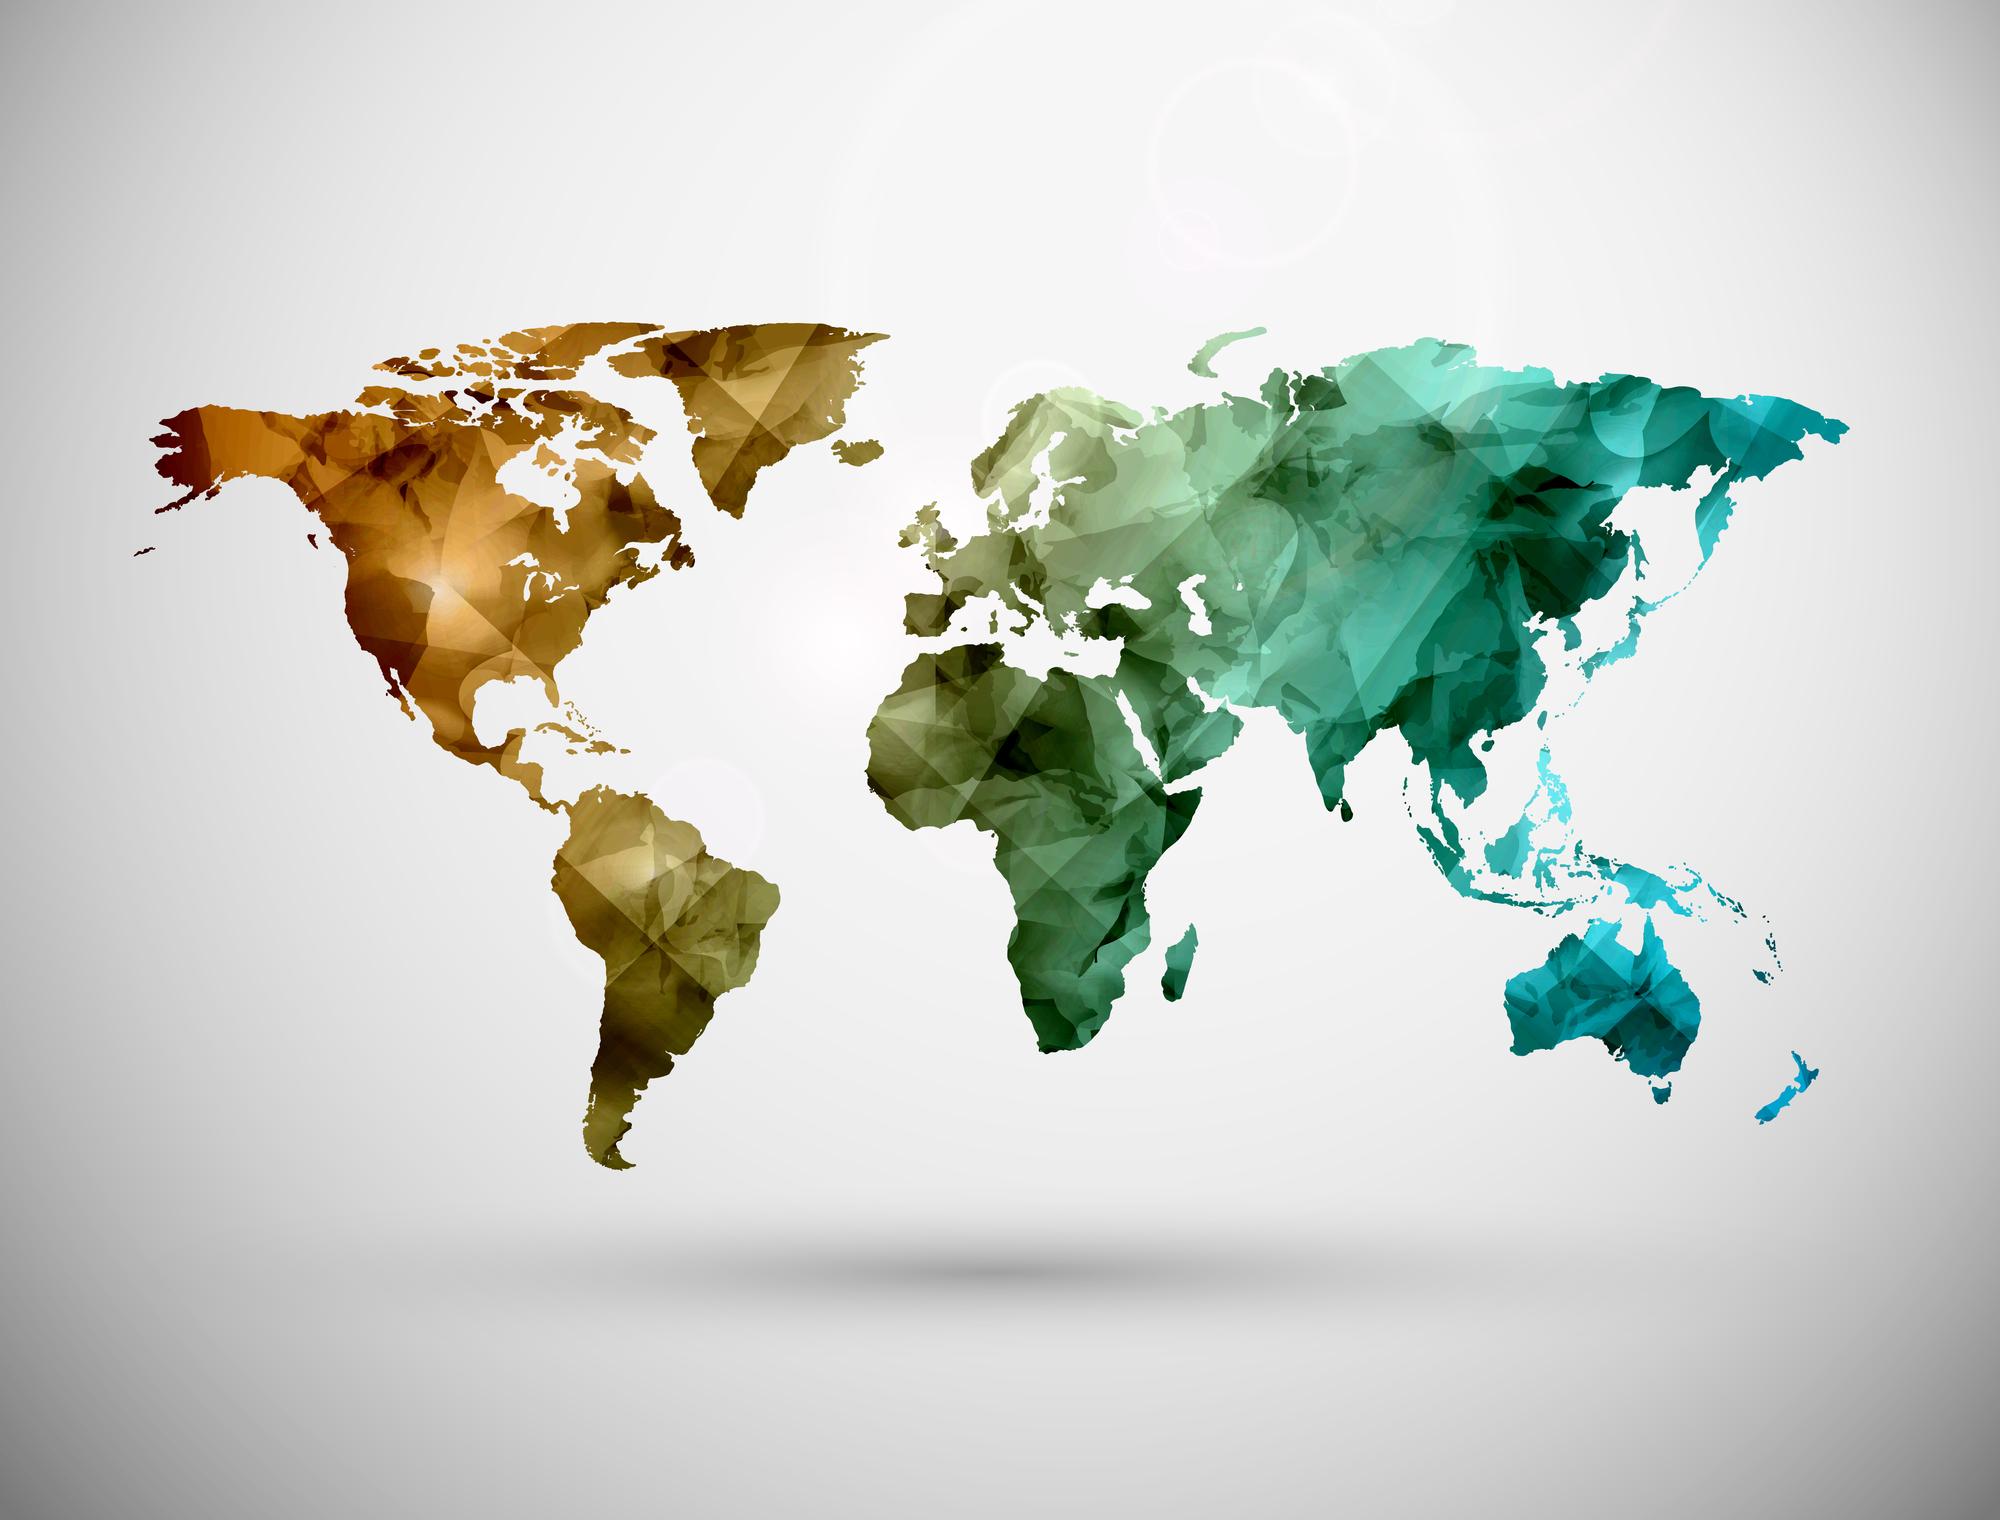 mapa swiata, przesylki miedzynarodowe